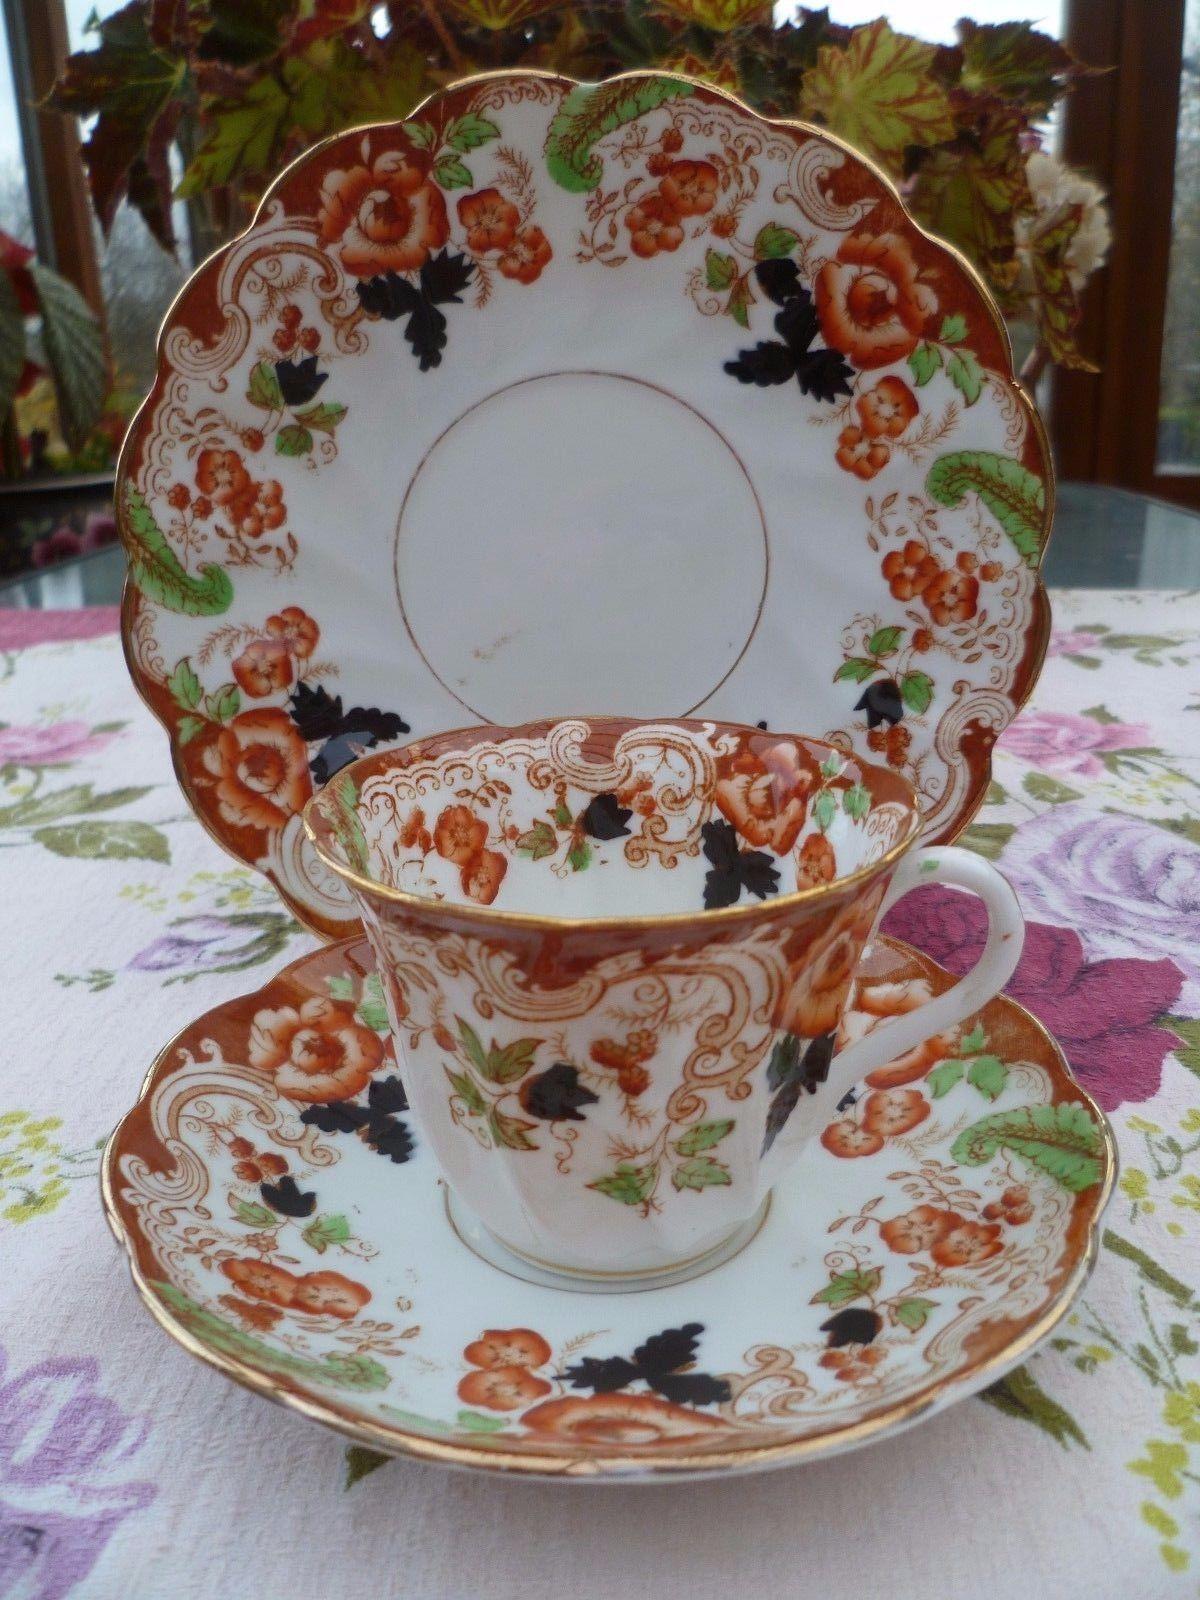 Lovely Vintage / Antique Royal Windsor China Trio Tea Cup Saucer Plate & Lovely Vintage / Antique Royal Windsor China Trio Tea Cup Saucer ...